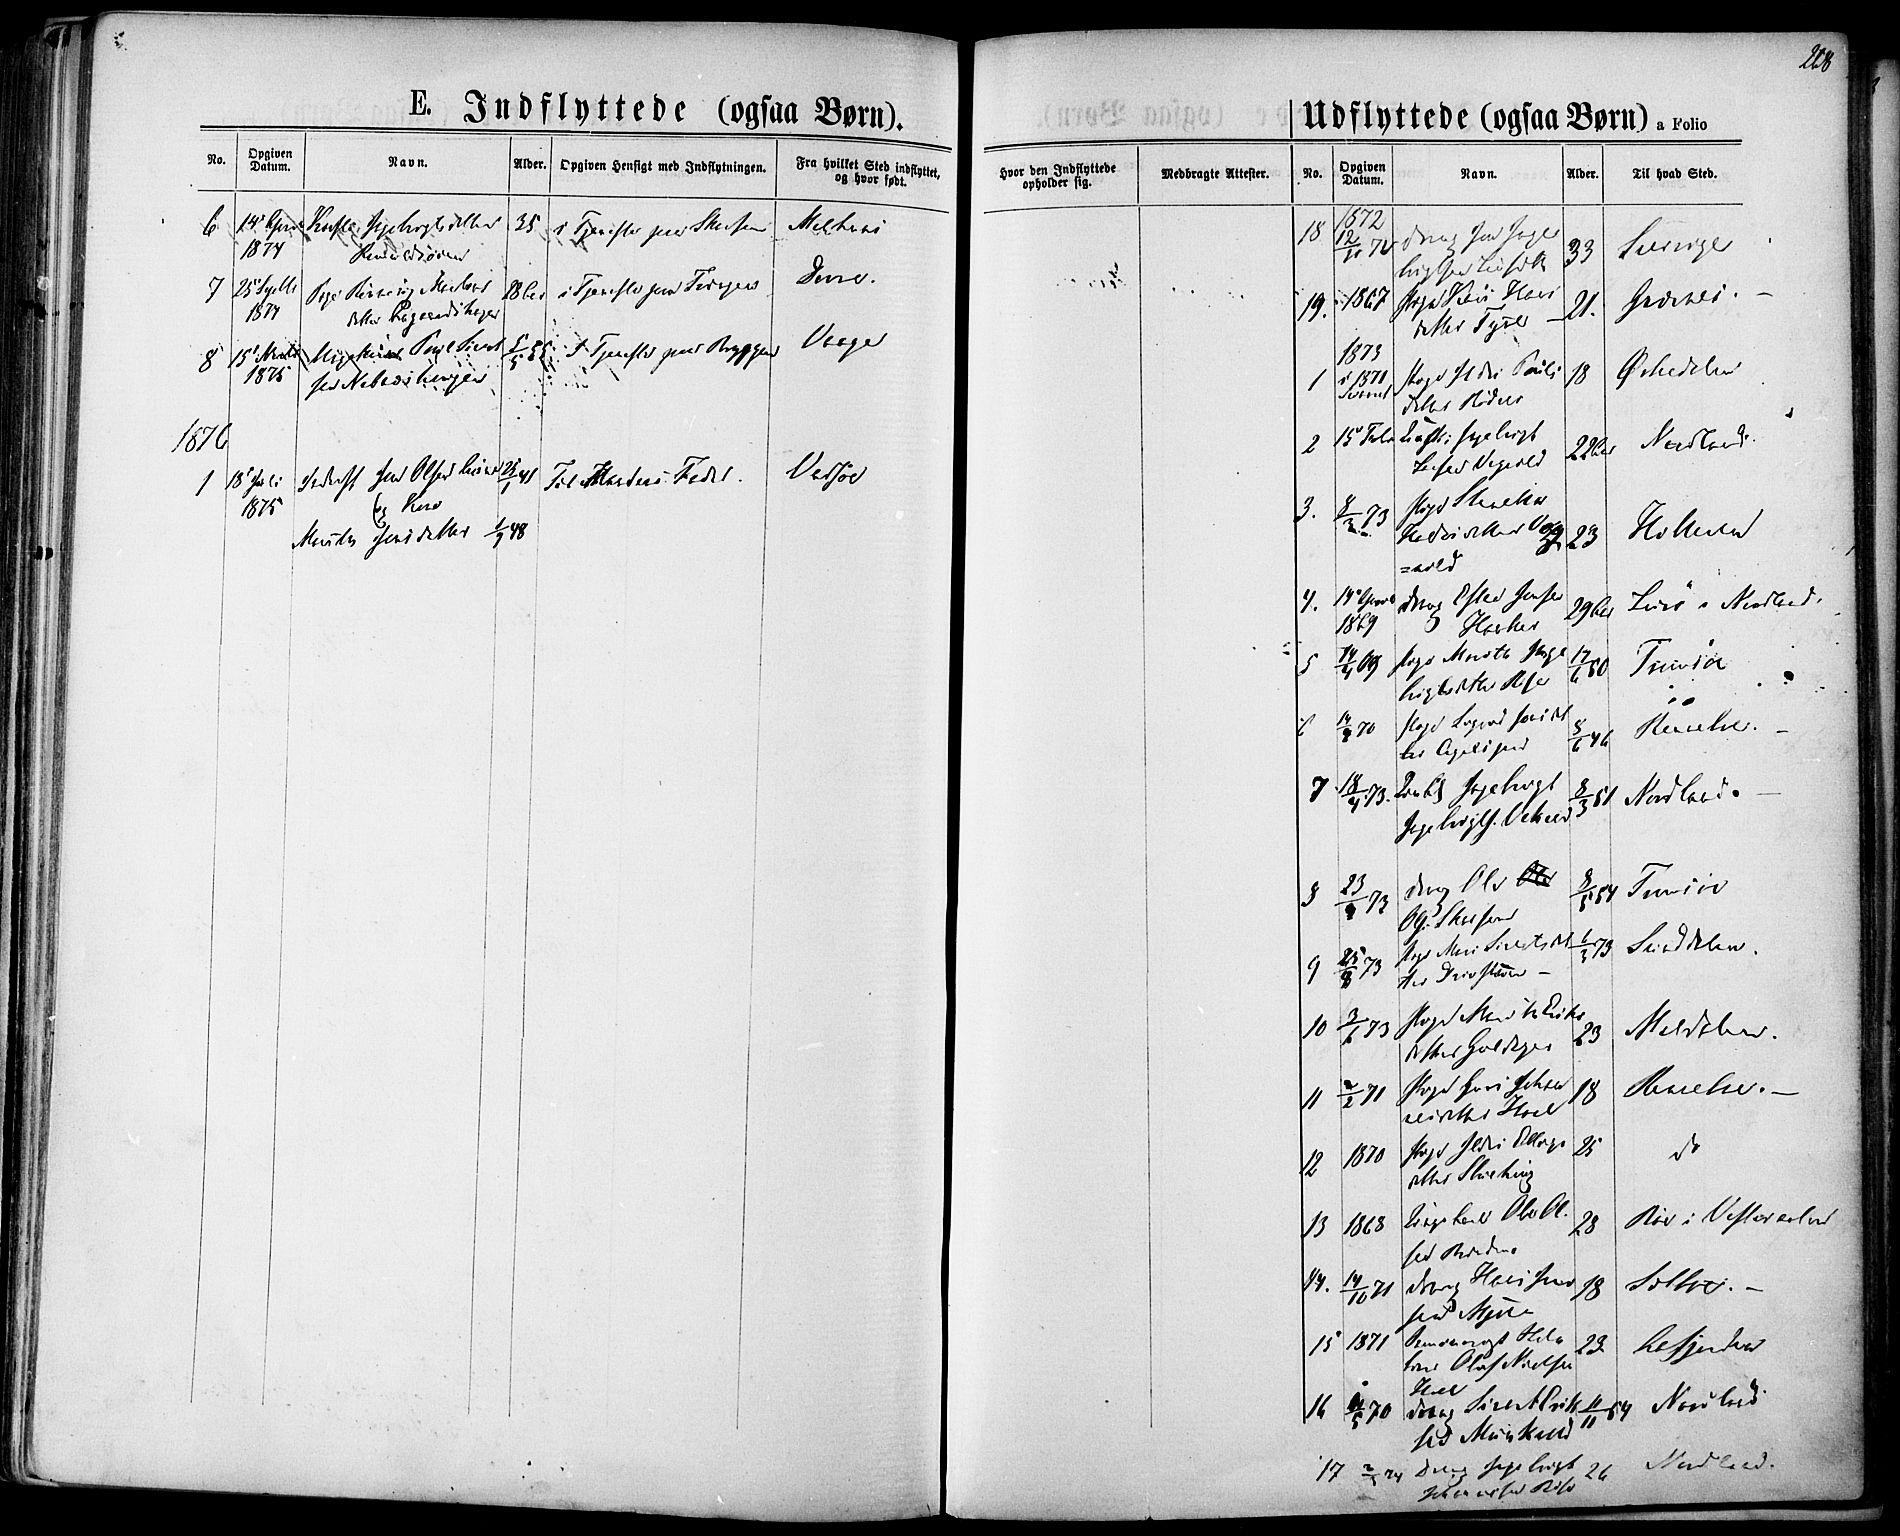 SAT, Ministerialprotokoller, klokkerbøker og fødselsregistre - Sør-Trøndelag, 678/L0900: Ministerialbok nr. 678A09, 1872-1881, s. 268